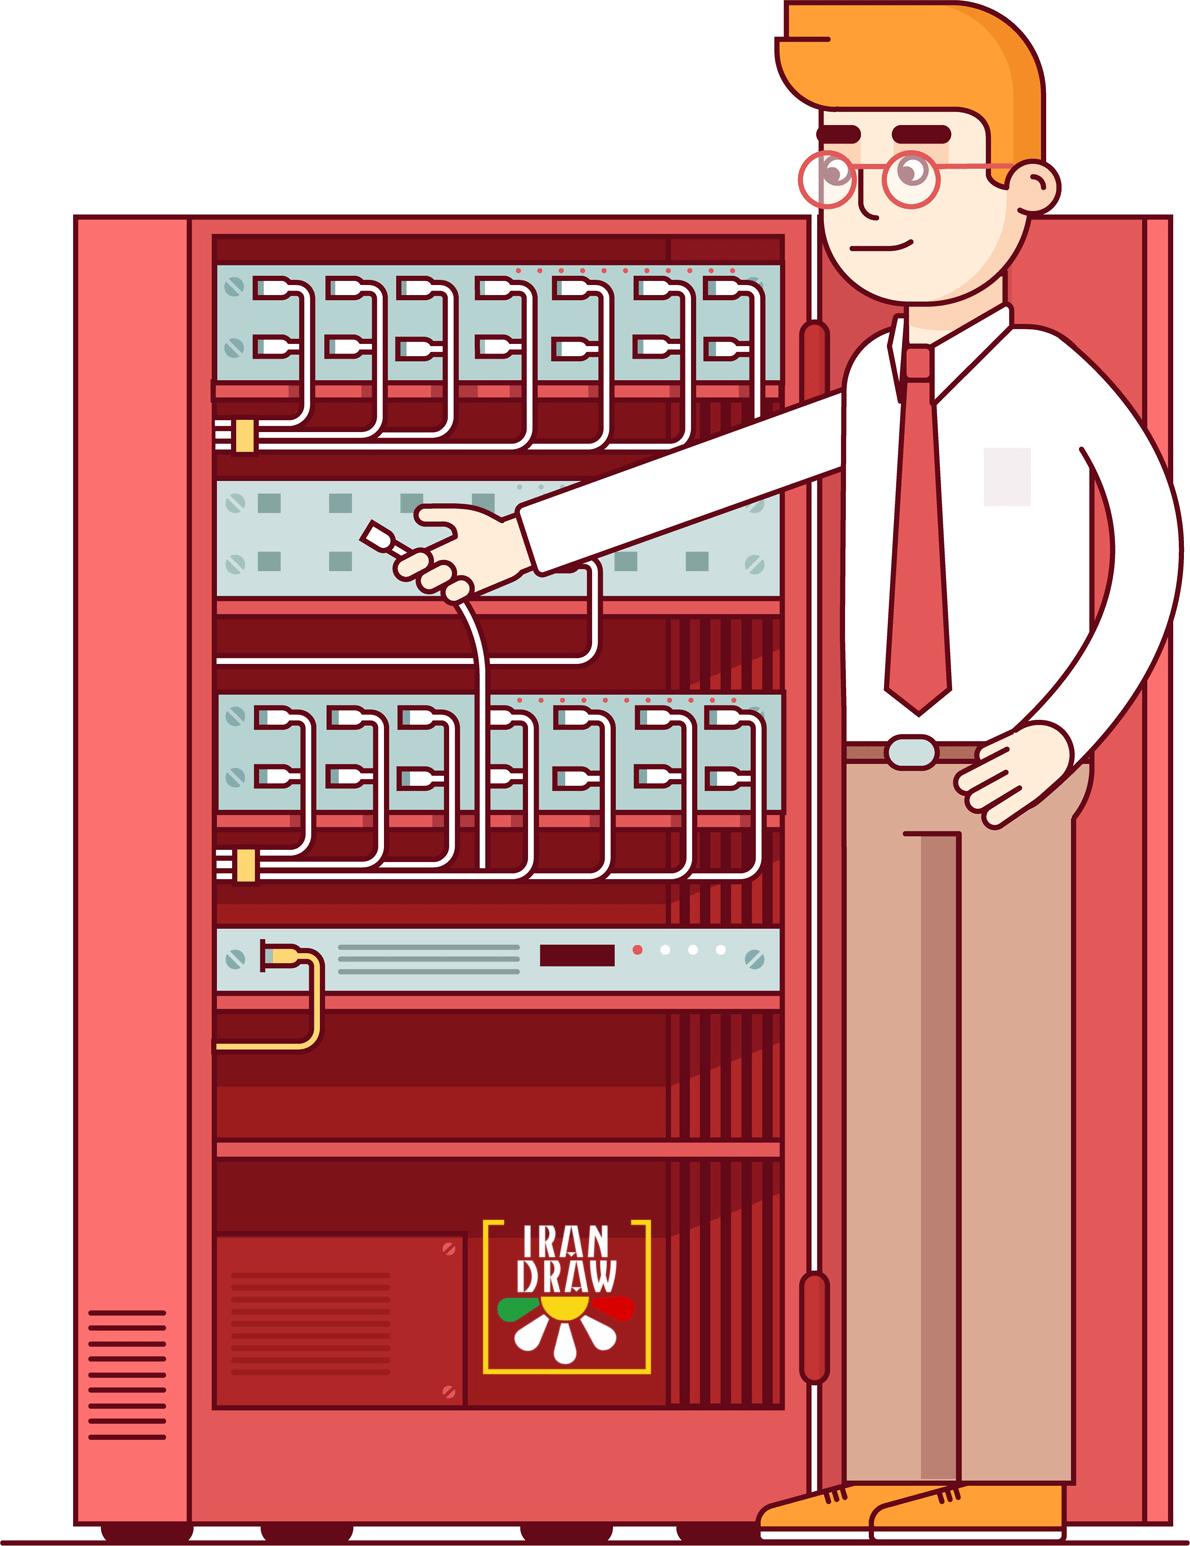 ایران طراحی - irandraw- فایل سرور -file server- شبکه در کرج - طراحی سایت - هات اسپات - فایل سرور - وب سرور - سئو و بهینه سازی سایت - سرور - تجهیزات سرور